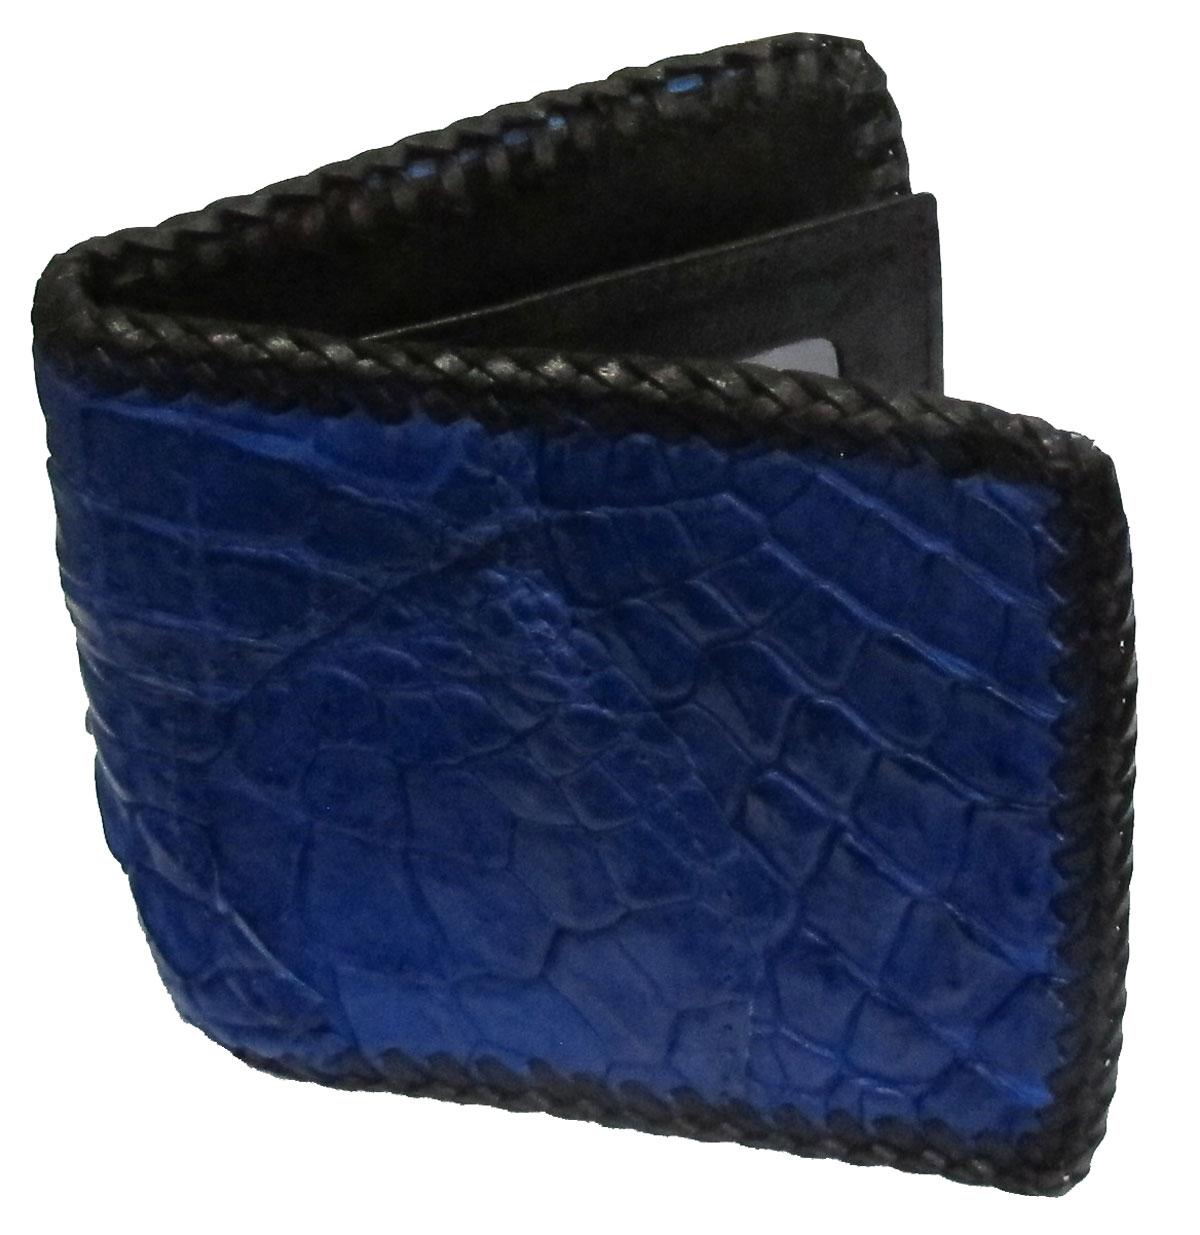 กระเป๋าสตางค์ 2 พับ หนังจระเข้เเท้ หนังต่อเย็บมือ สีน้ำเงิน